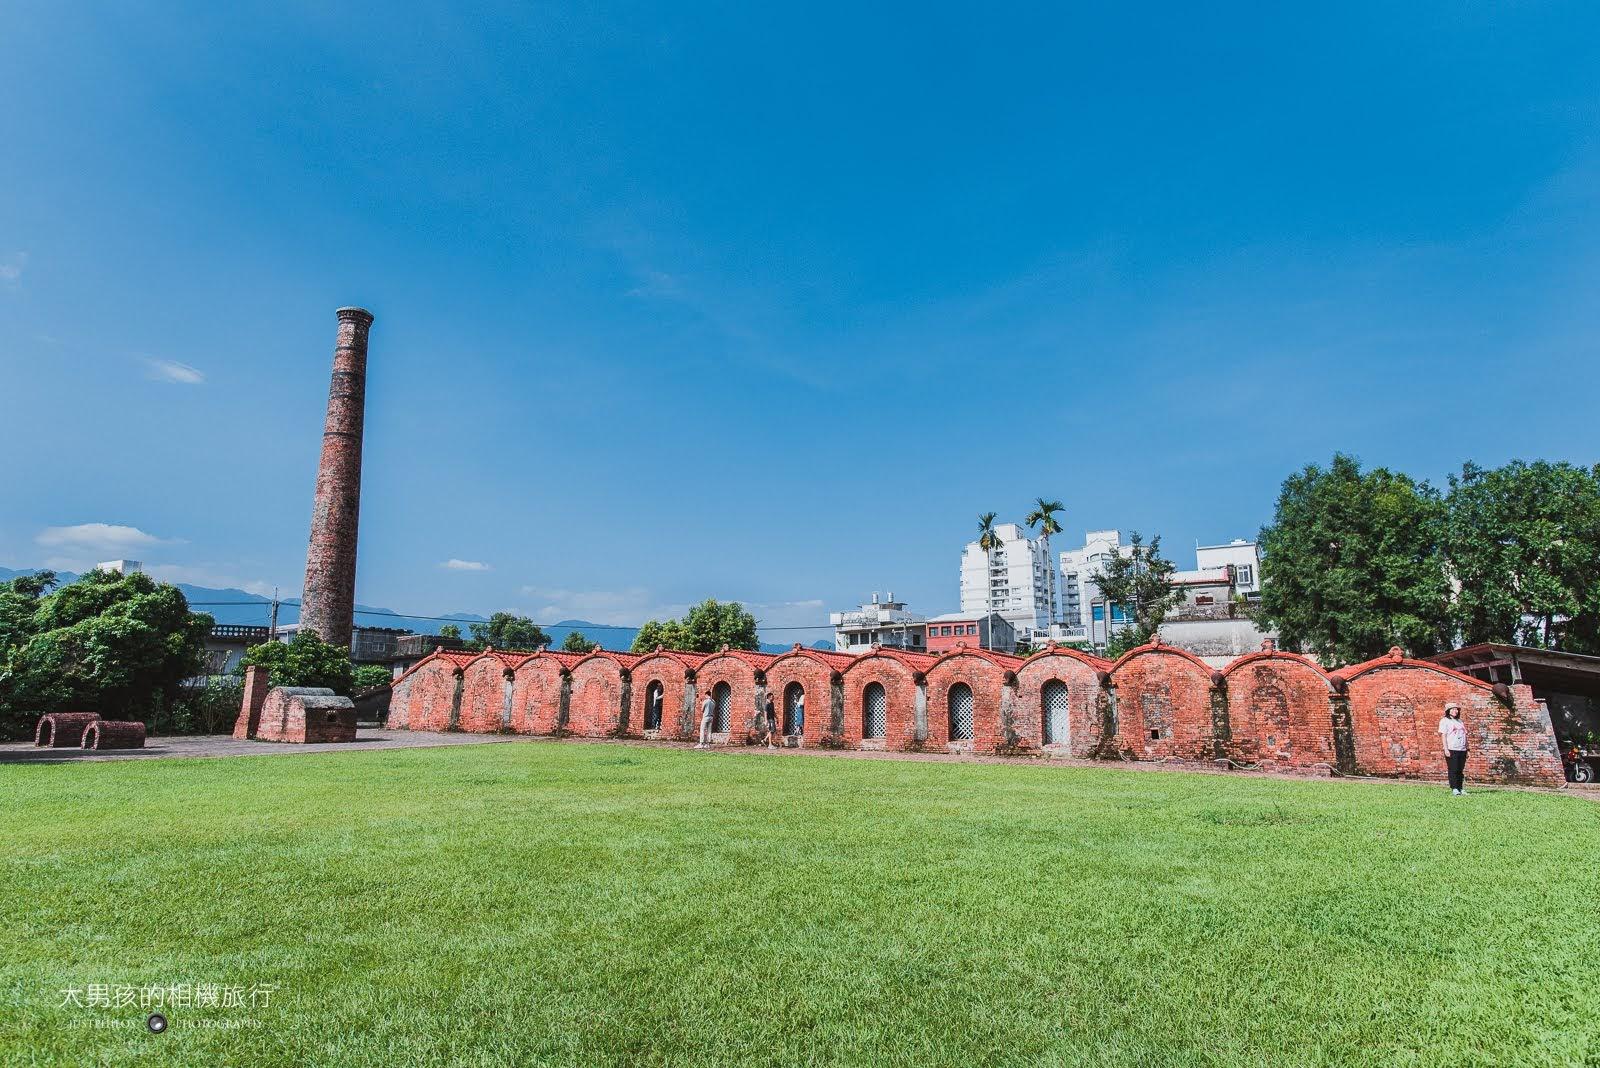 宜蘭磚窯是近年來因為IG重新翻紅的宜蘭景點。